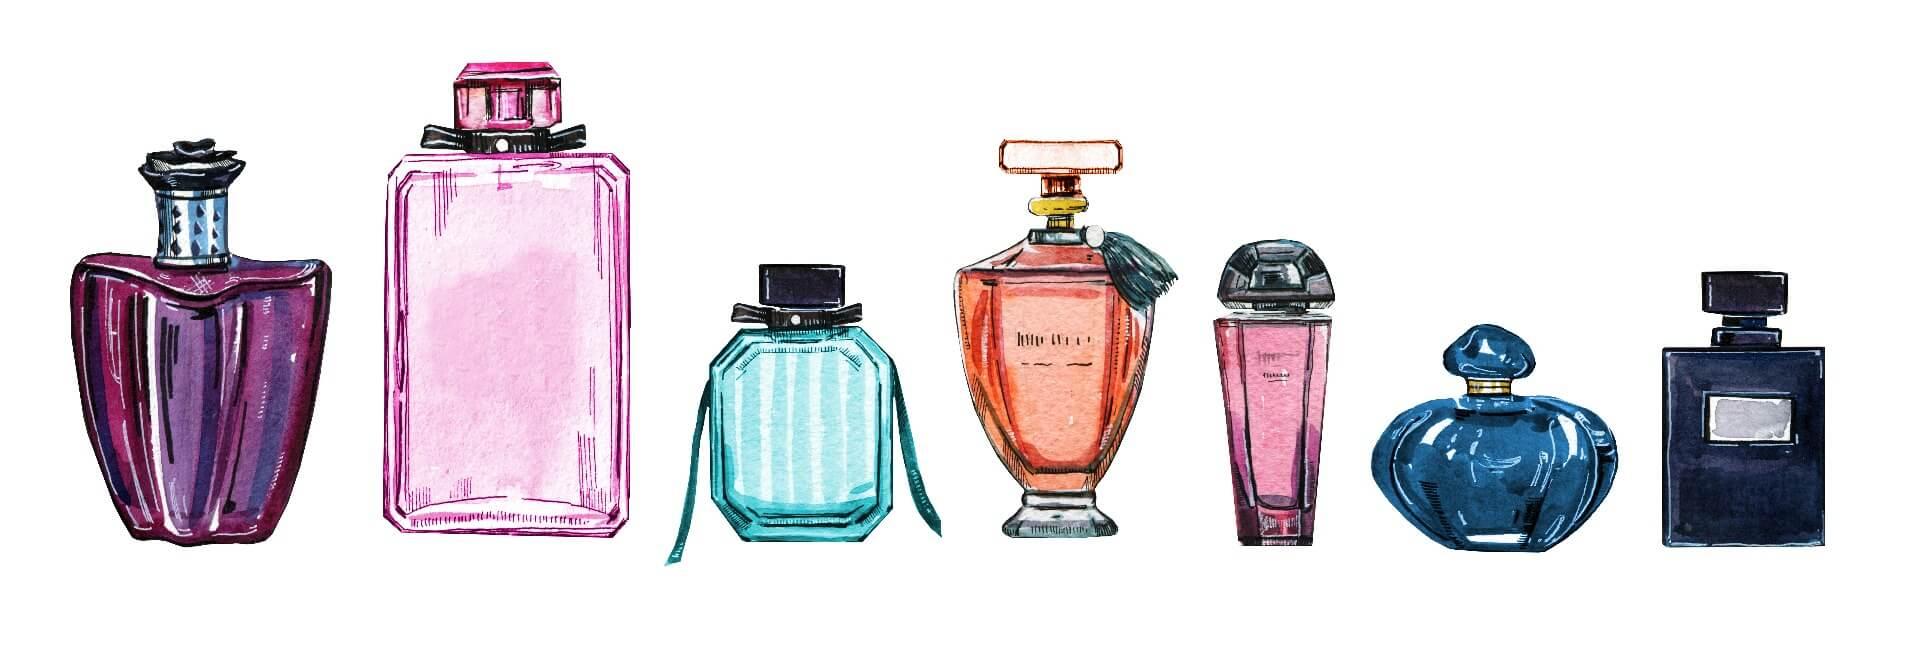 تشخیص رایحه عطر از رنگ ادکلن